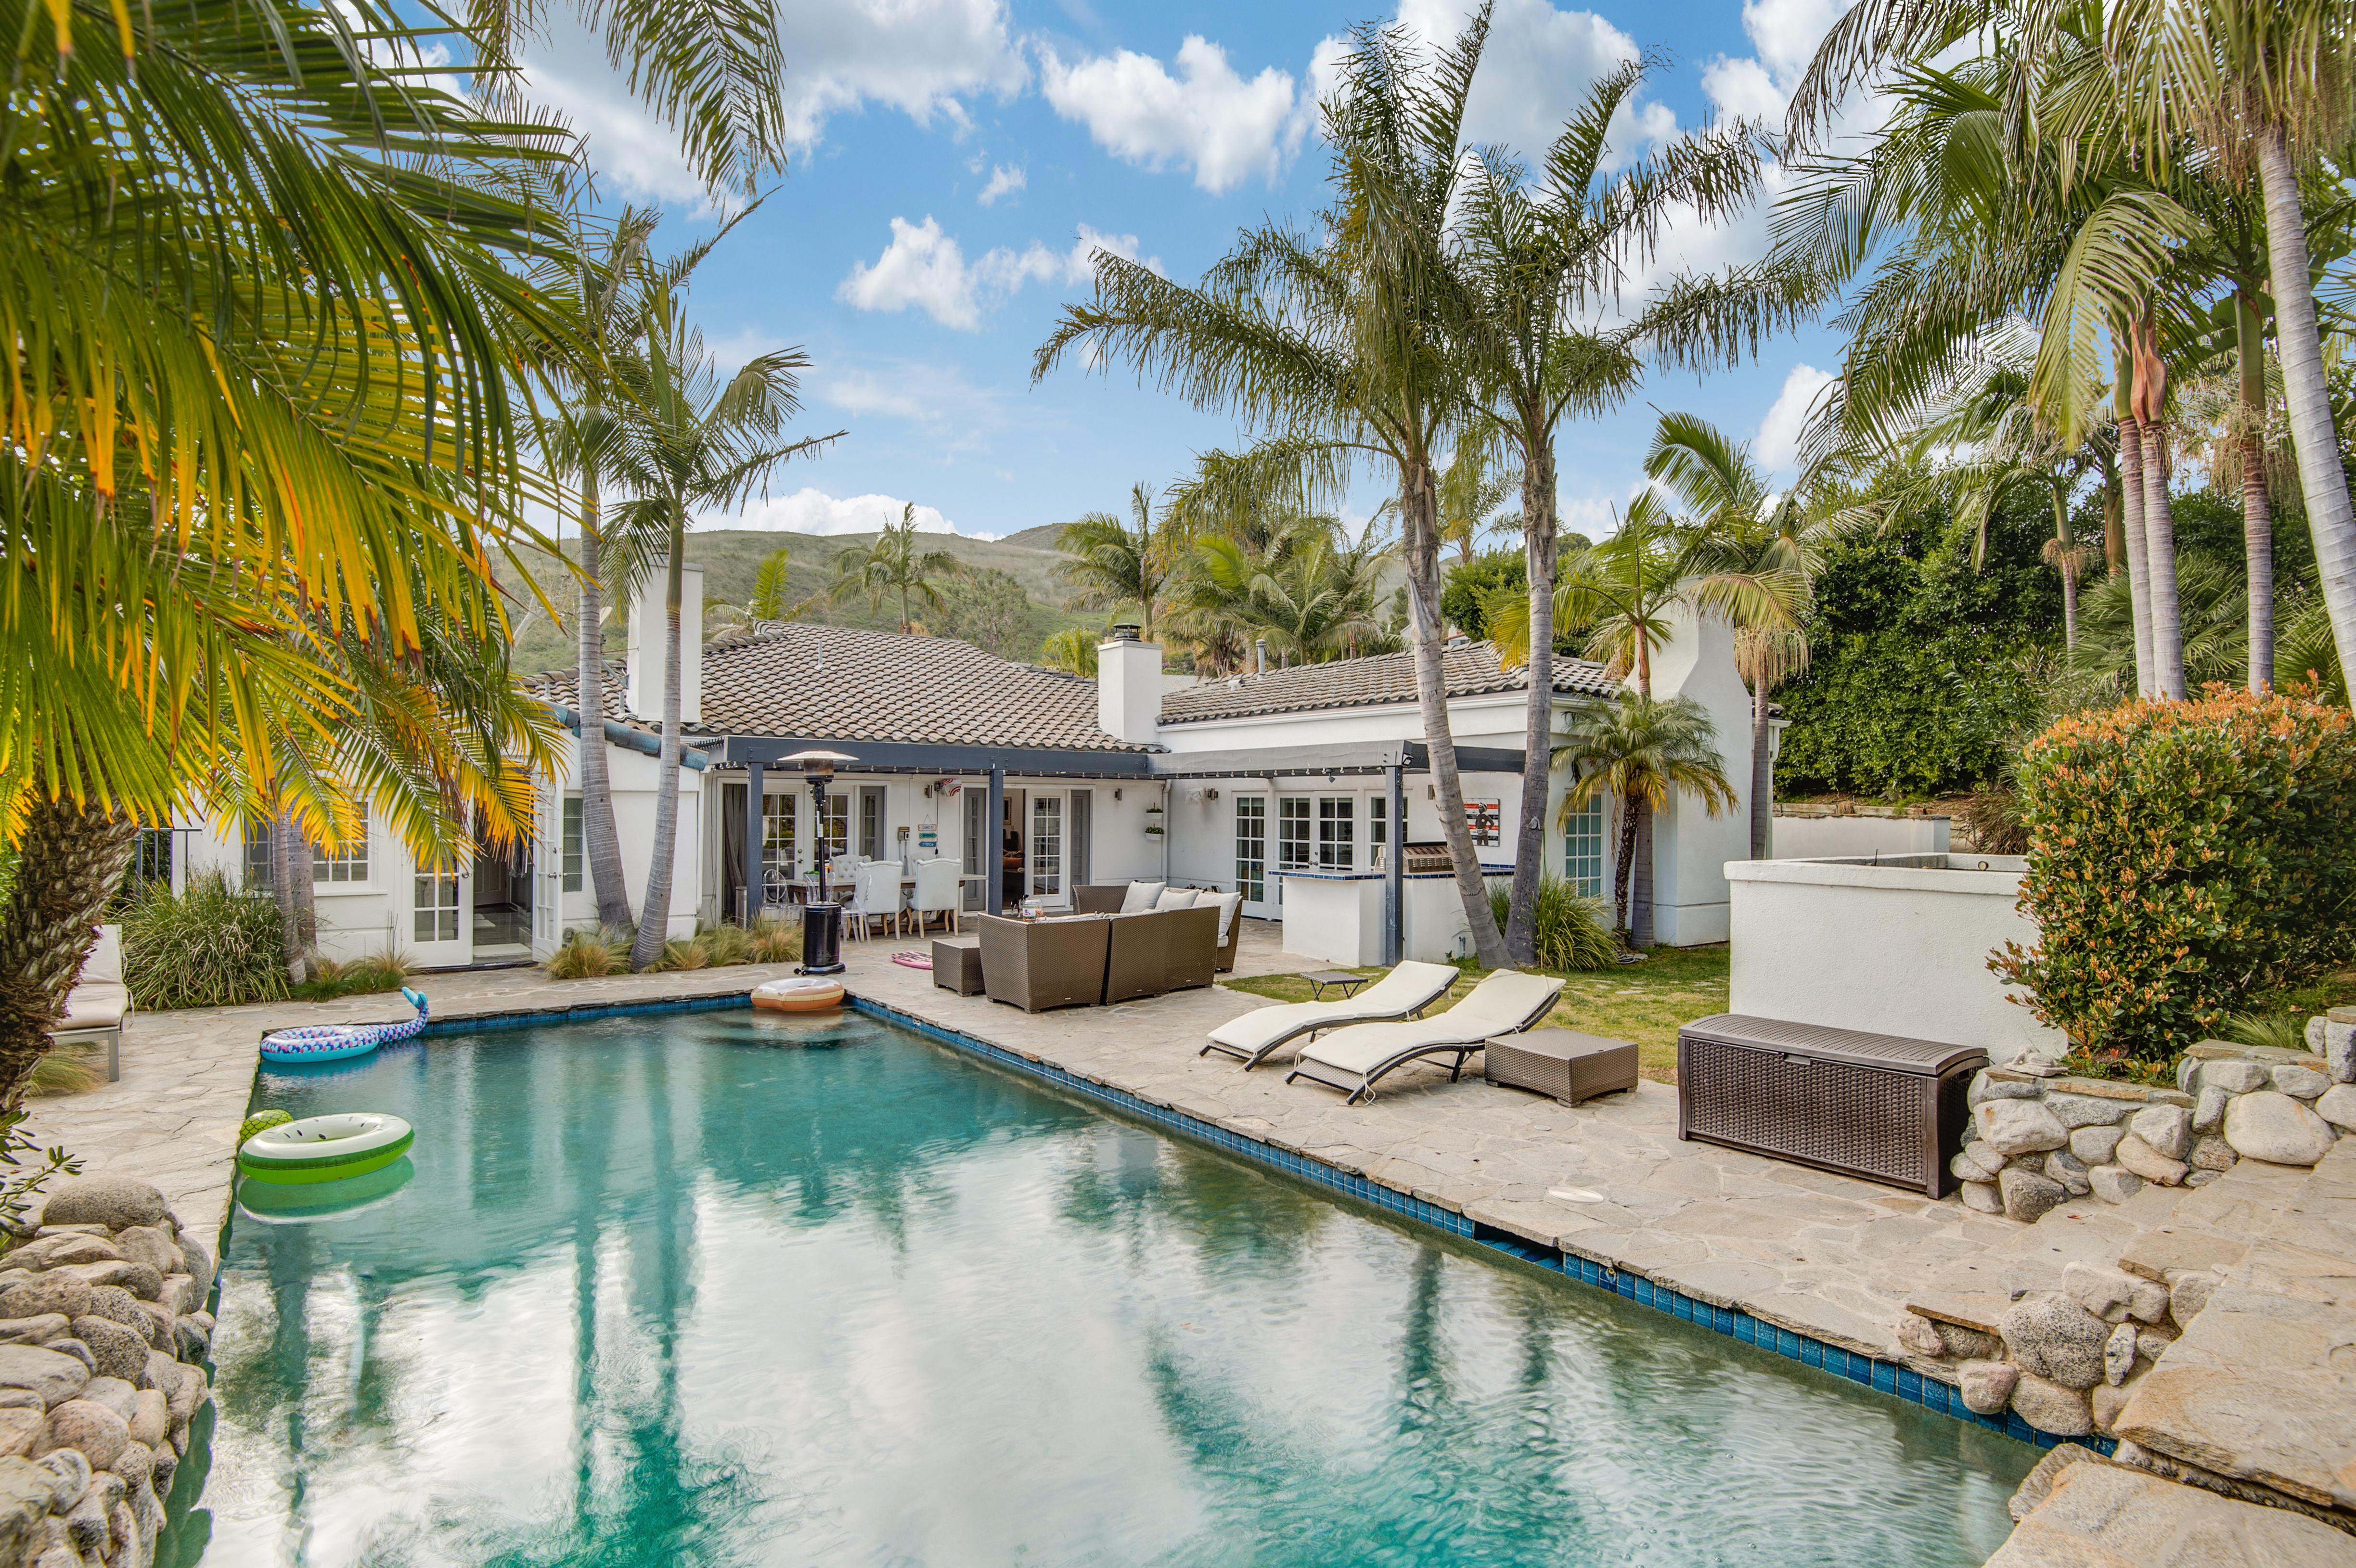 3614 Malibu Country | $15,000